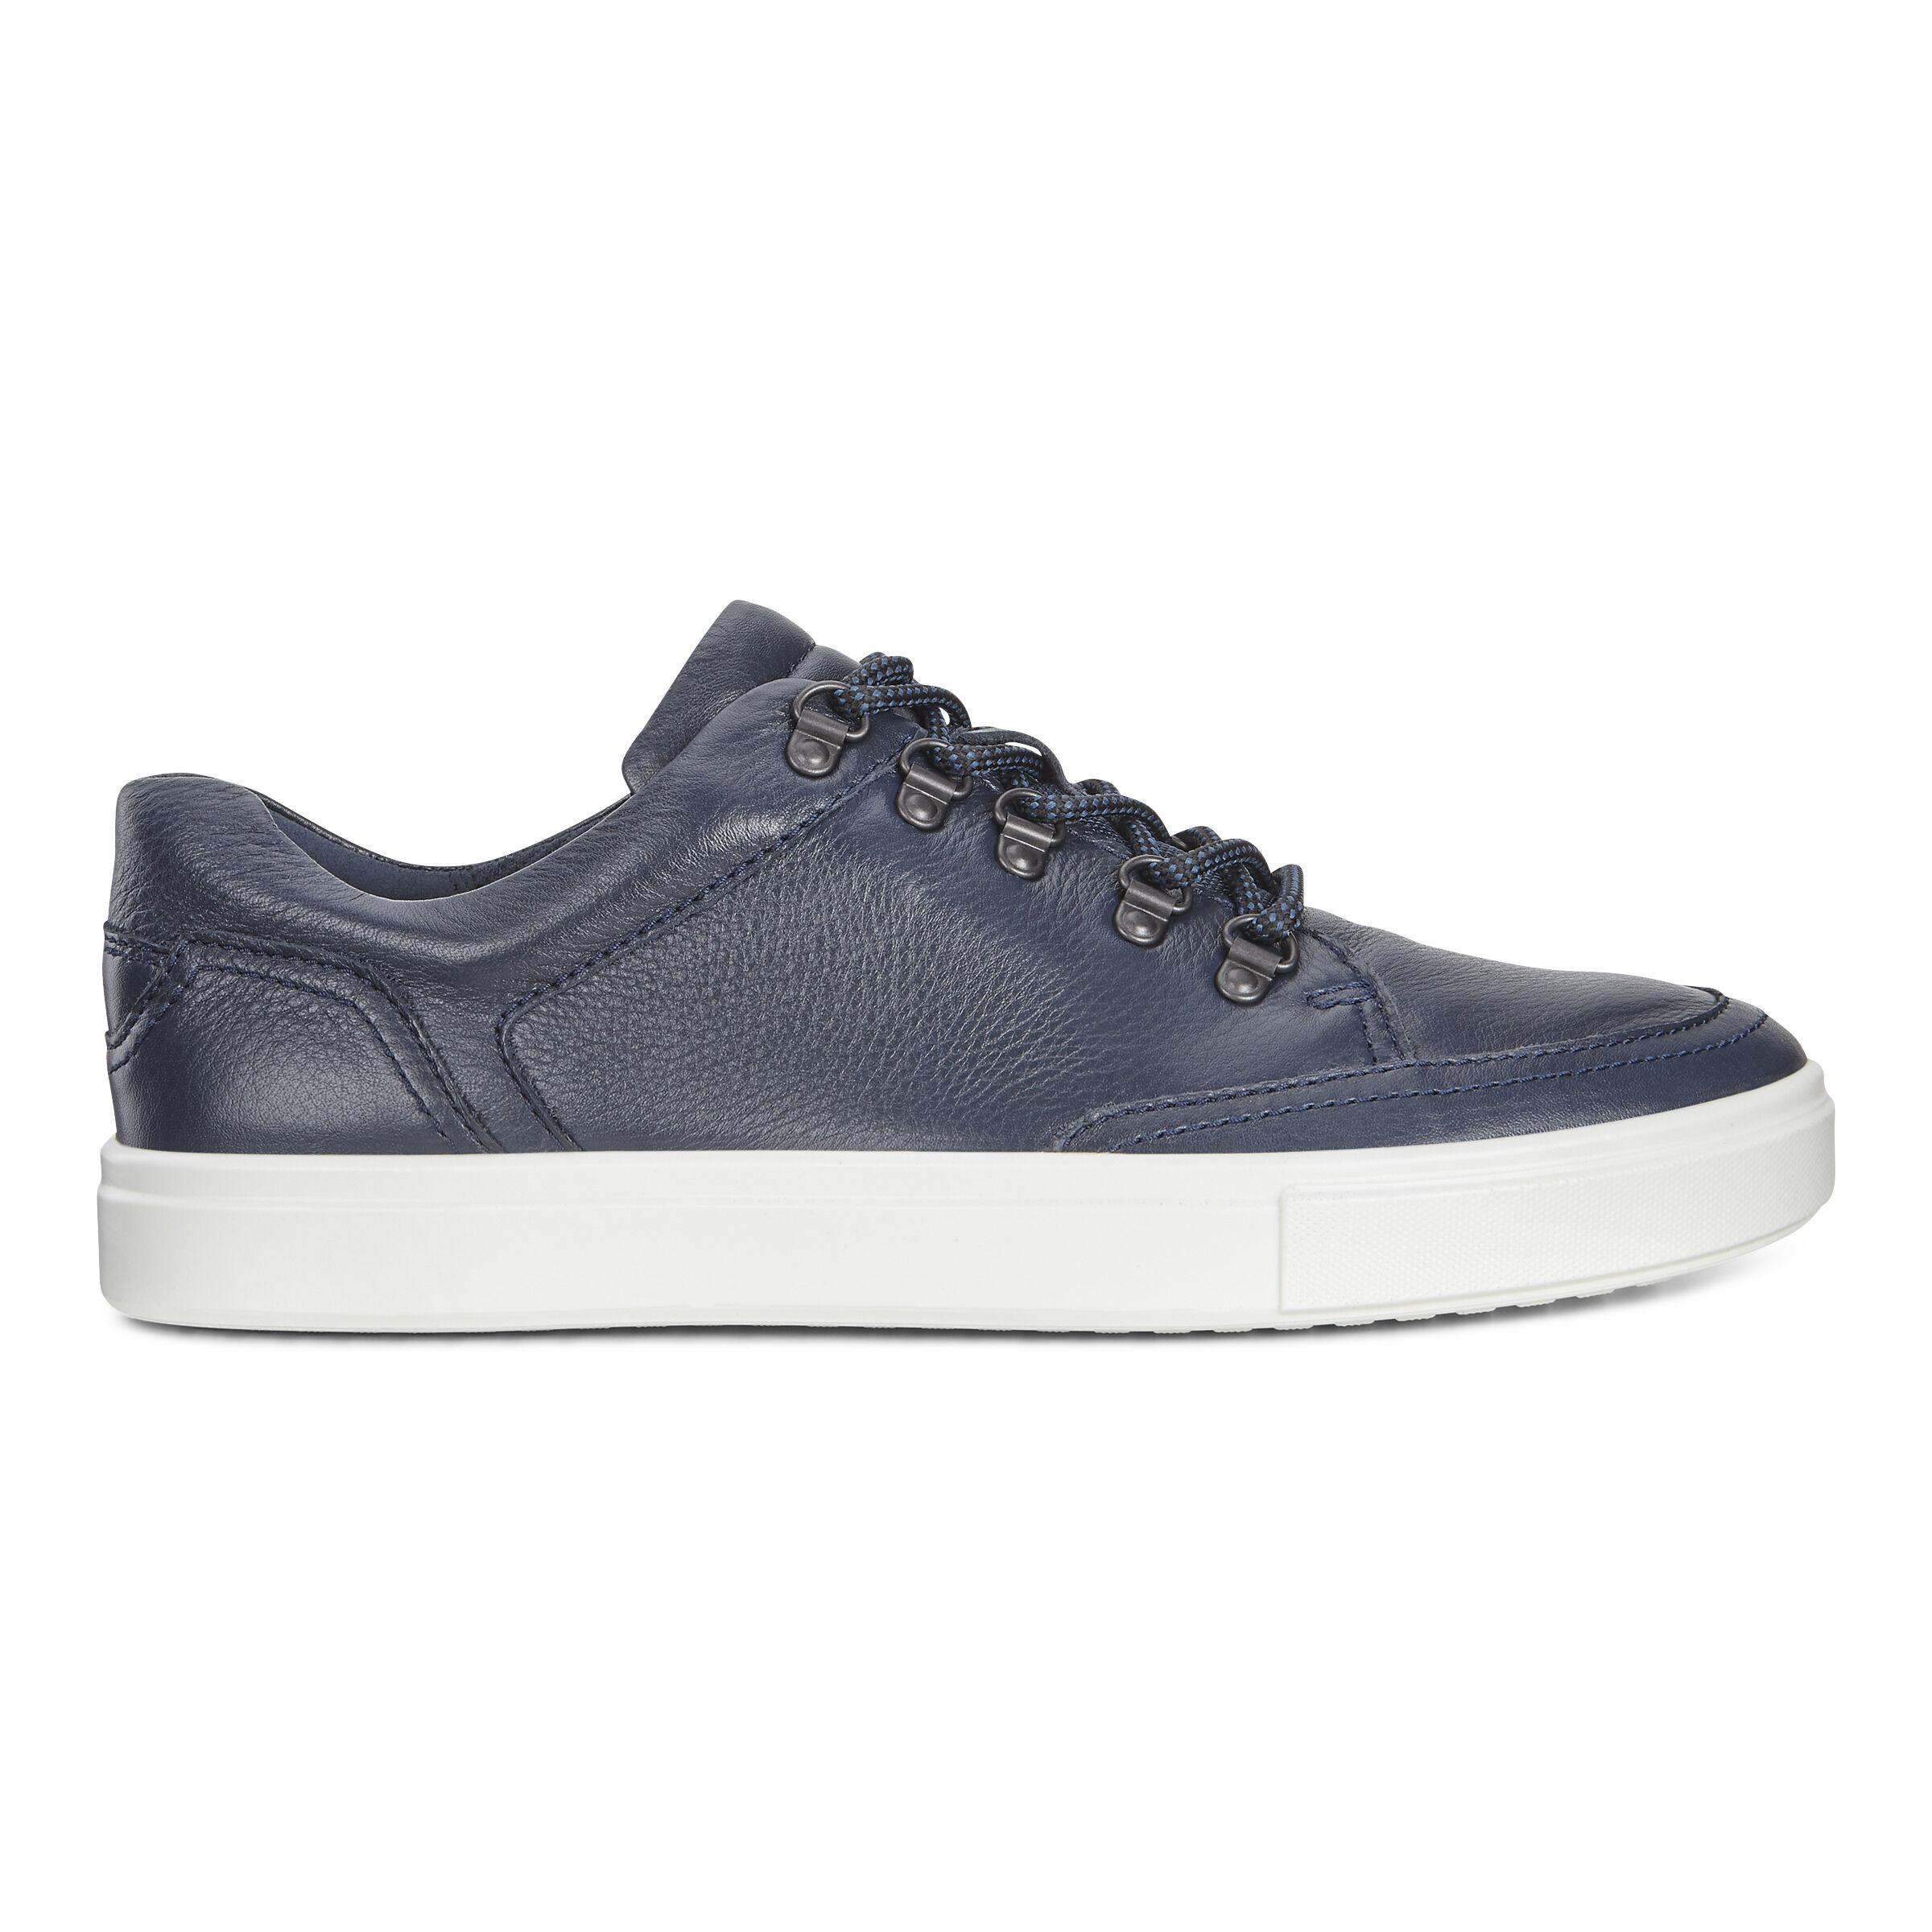 ECCO Kyle | Men's Sneakers | ECCO® Shoes